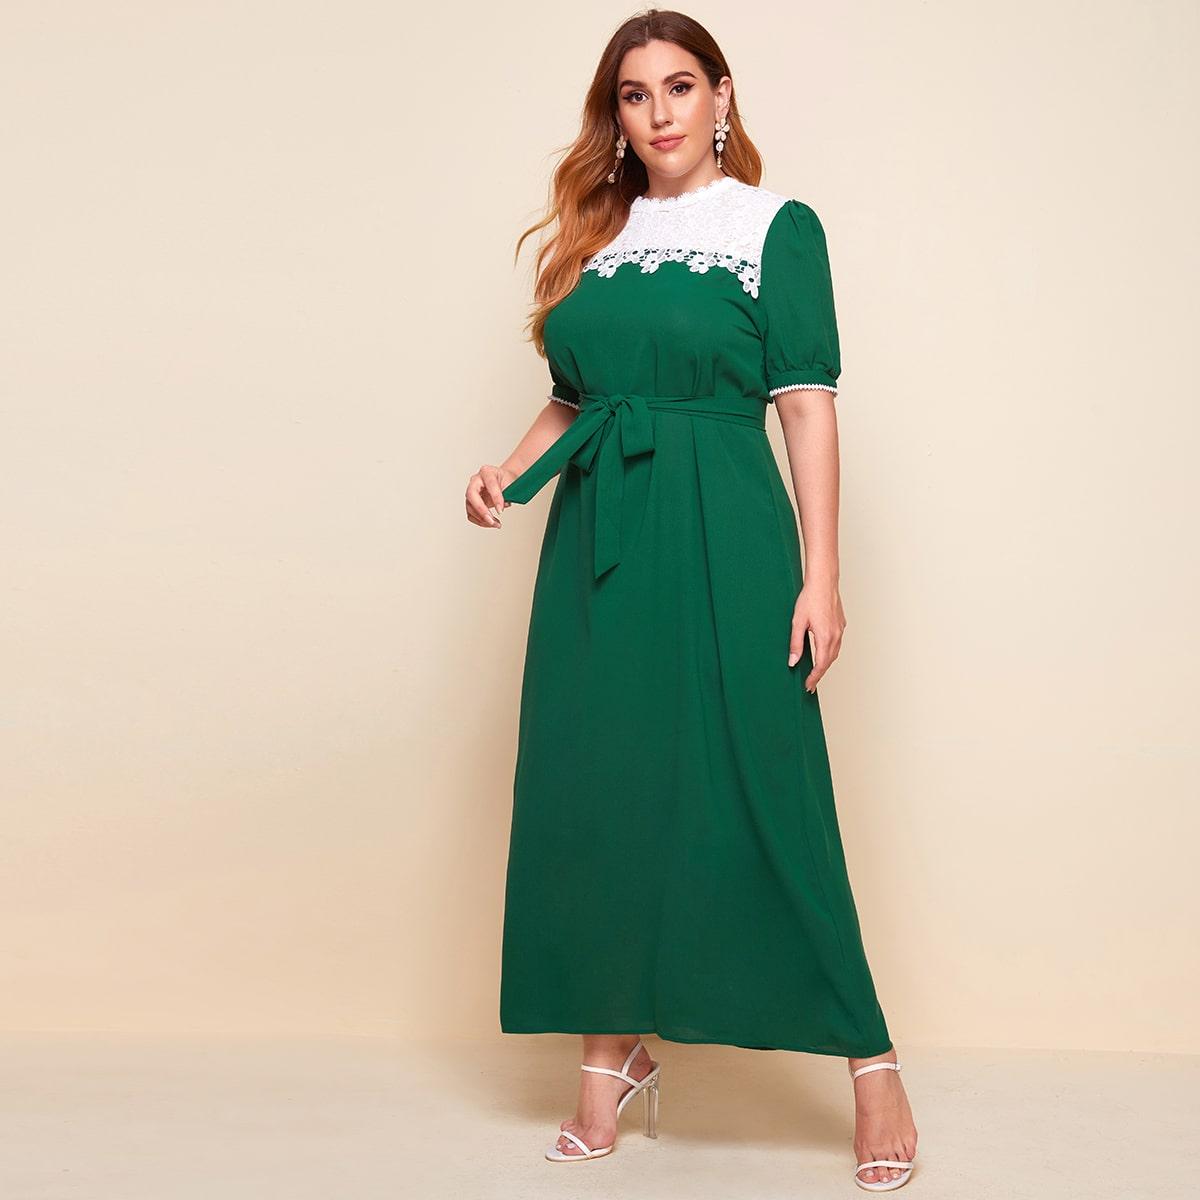 Платье размера плюс с поясом и кружевом фото